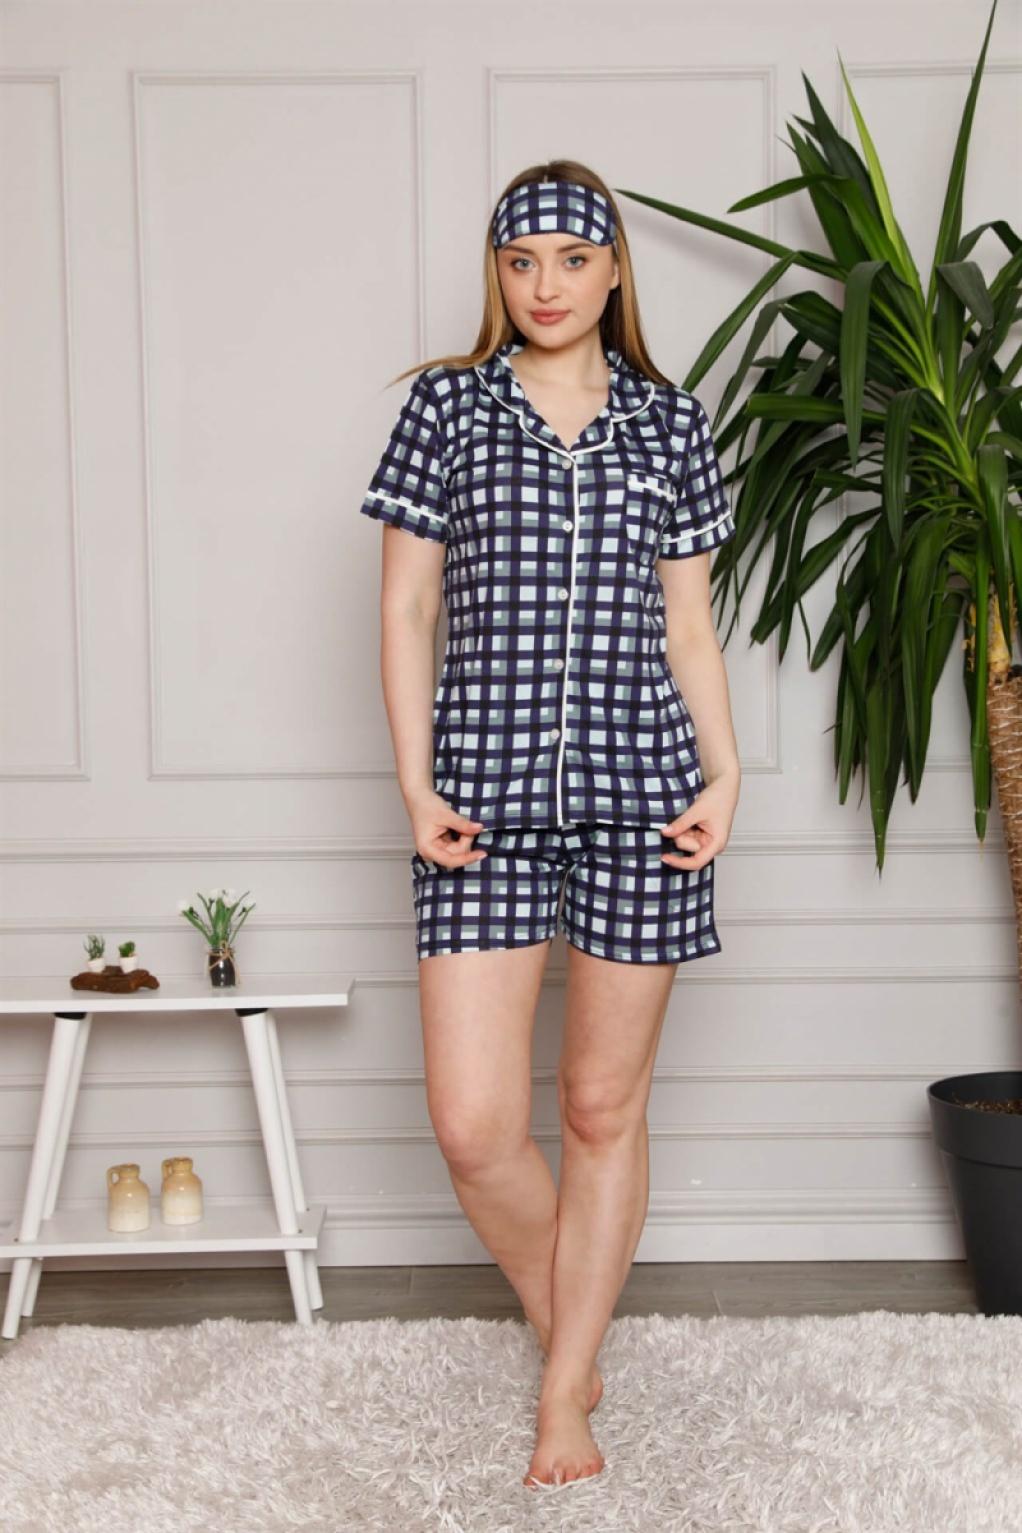 Moda Çizgi Kadın %100 Pamuk Penye Kısa Kol Şortlu Pijama Takım 4331